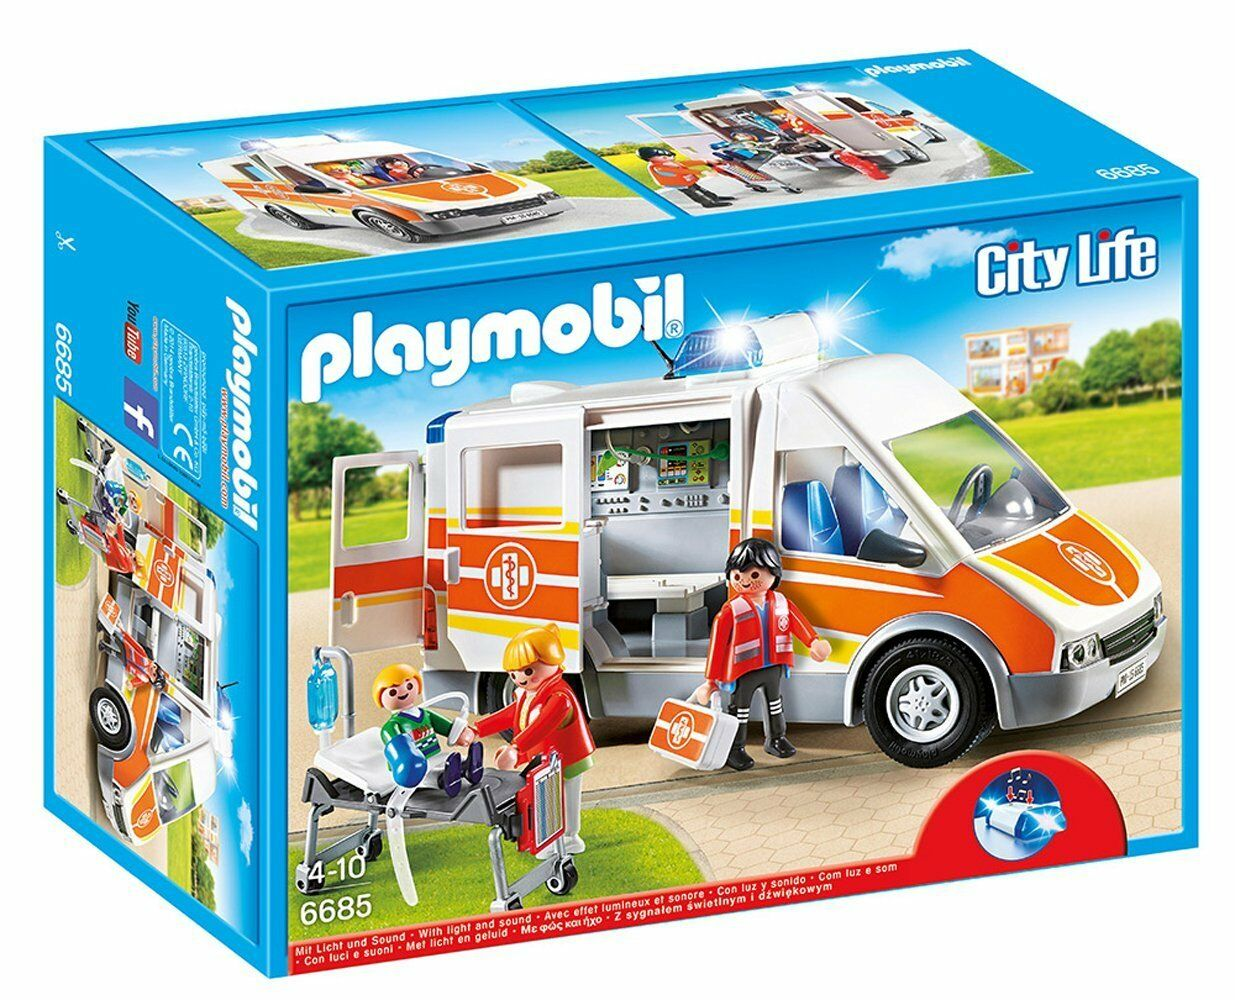 Playmobil City Life - Ambulance avec lumières et son. Référence 6685